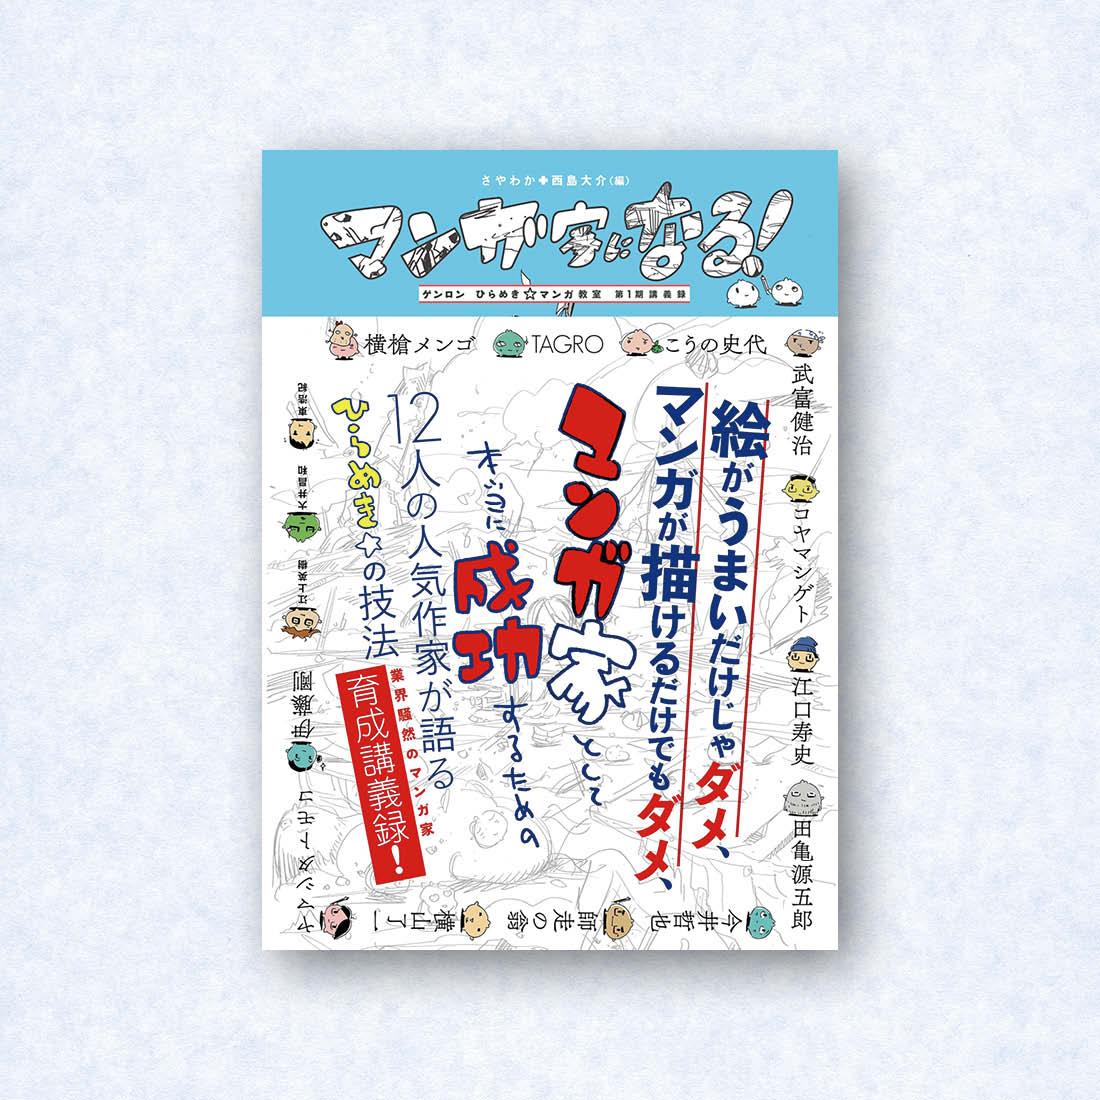 ゲンロン ひらめき☆マンガ教室 第1期講義録